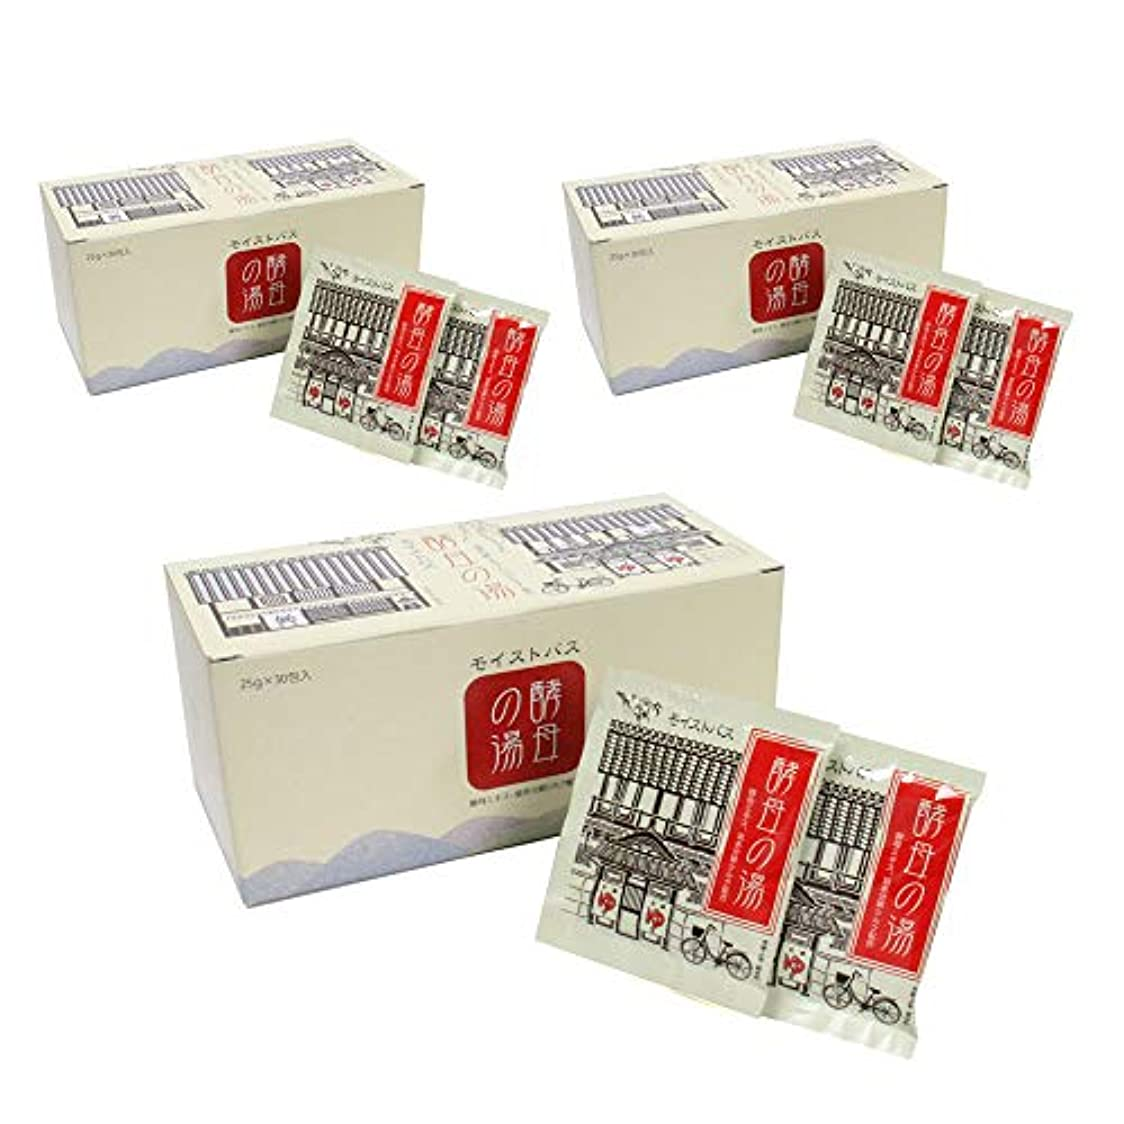 スーツビット湿度アミノン モイストバス 酵母の湯 25g×30包 (3箱セット)